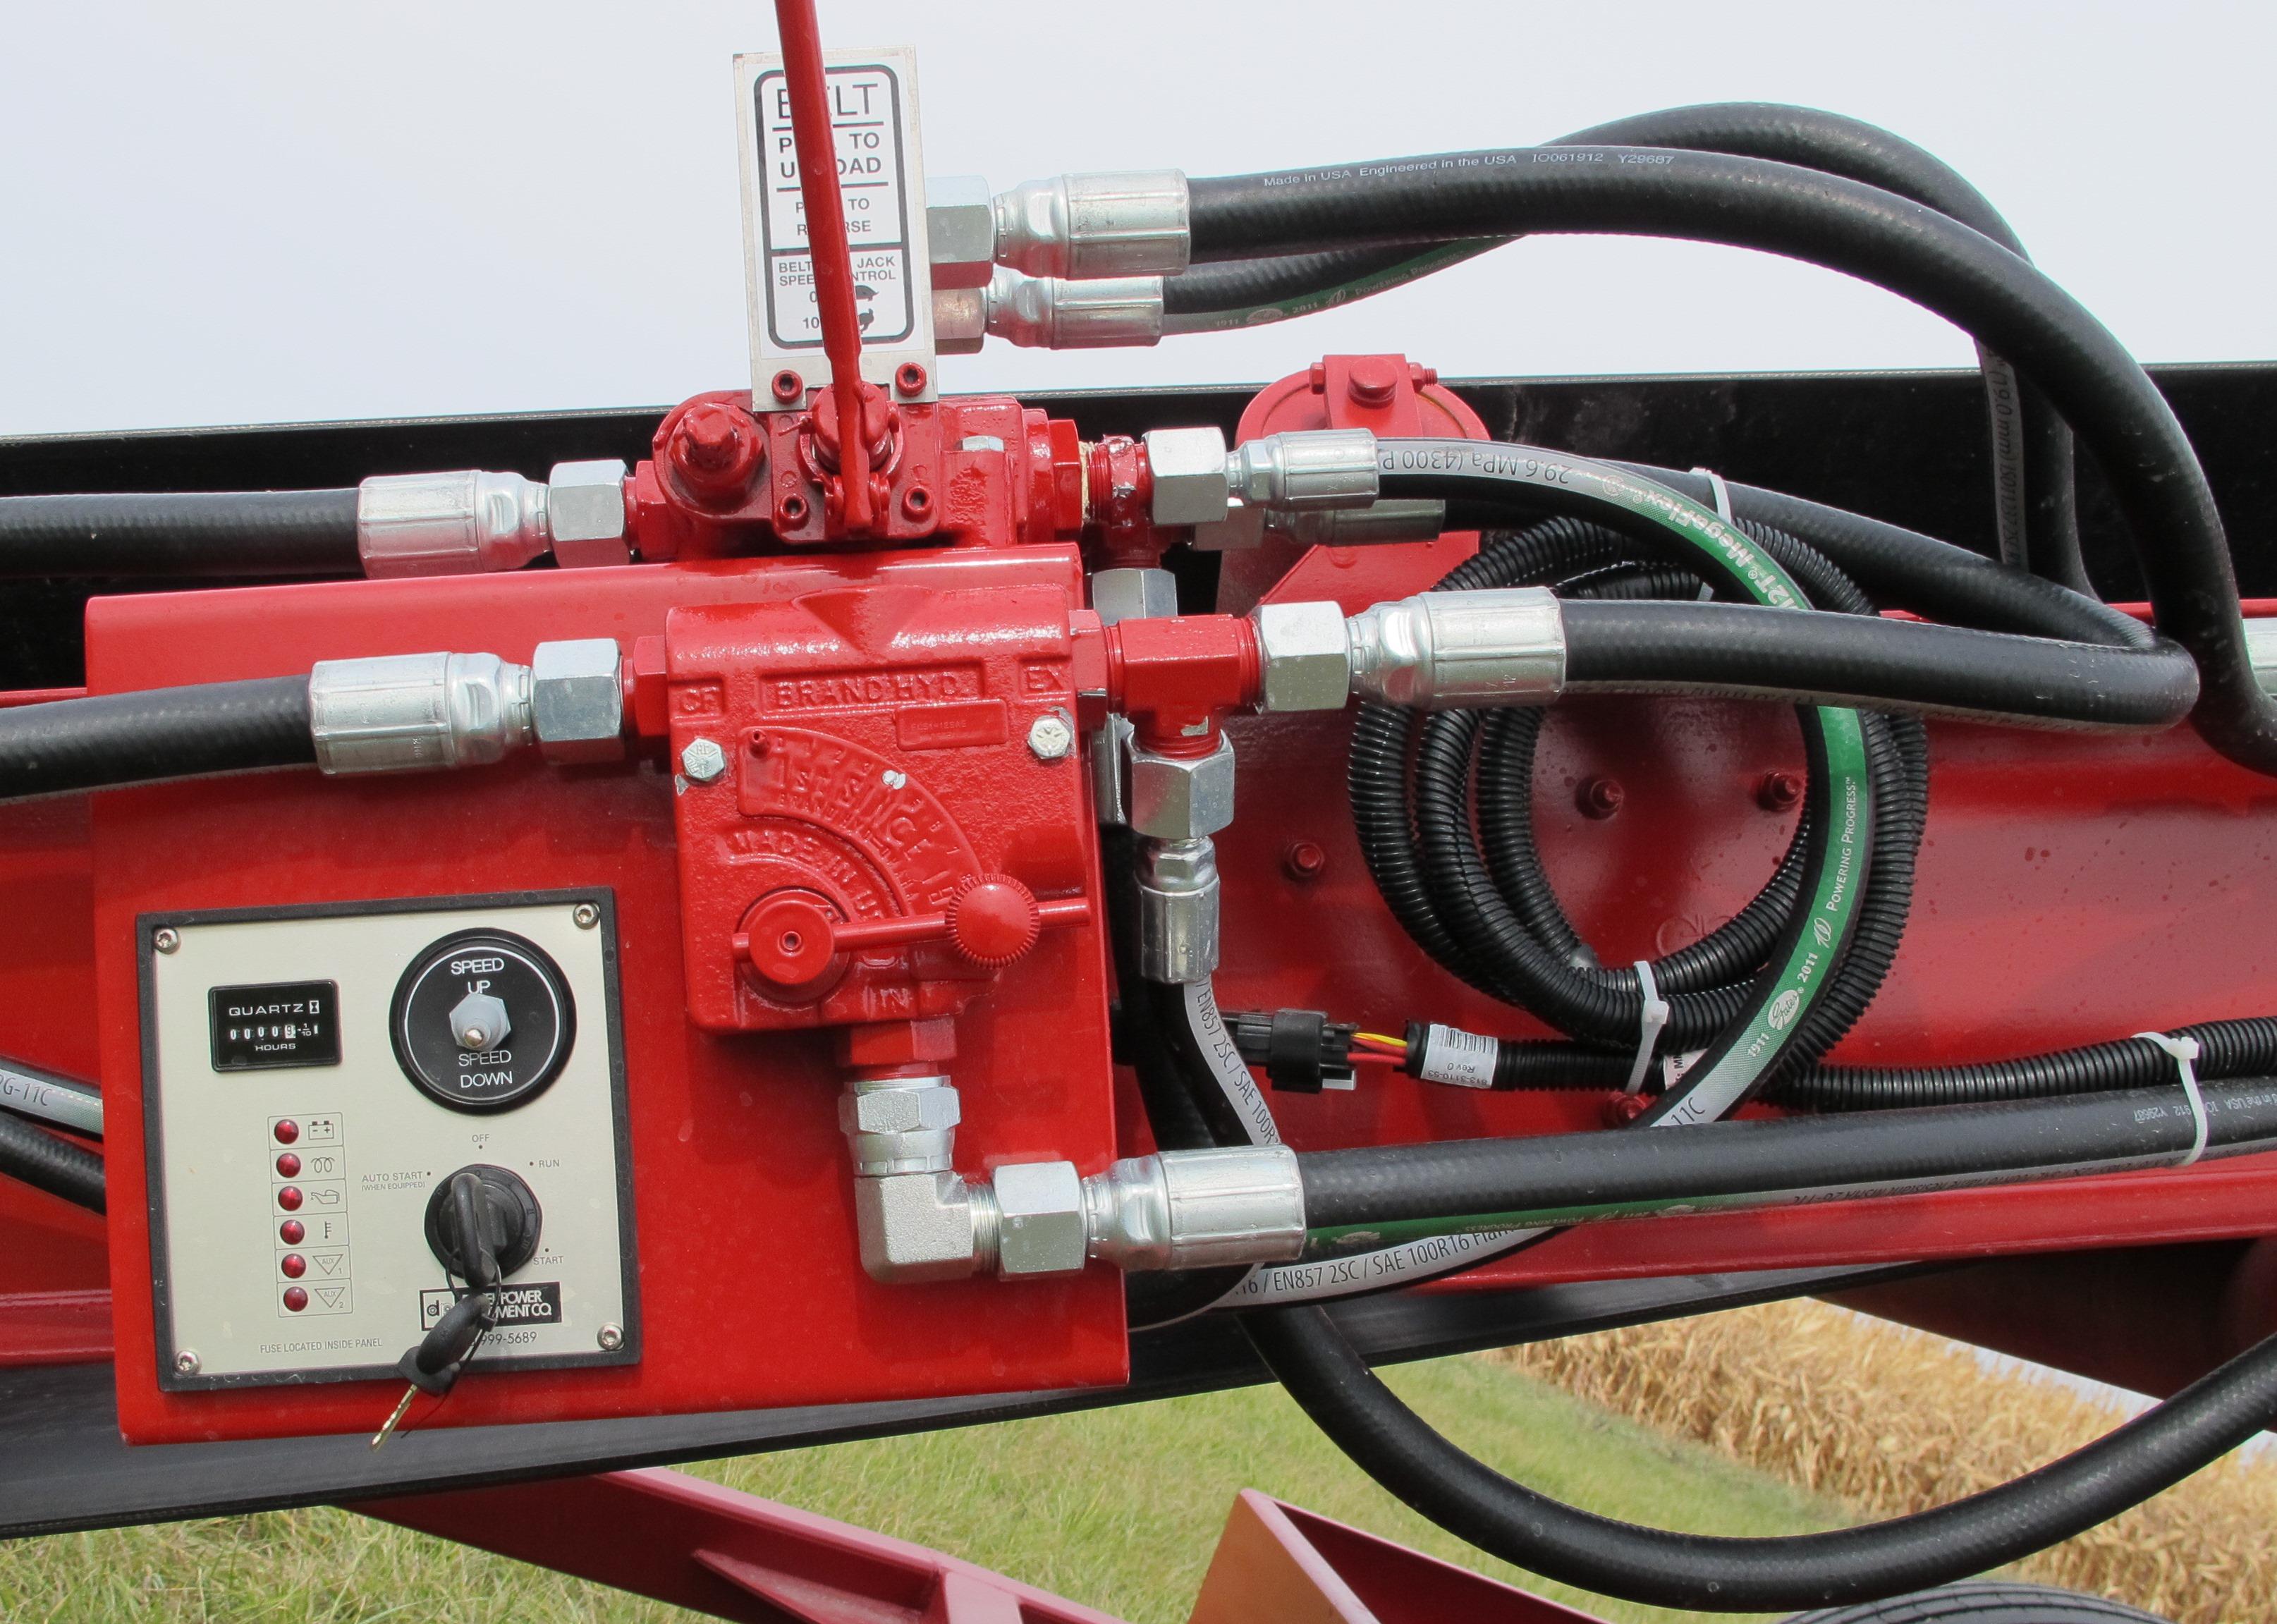 30 in control valve